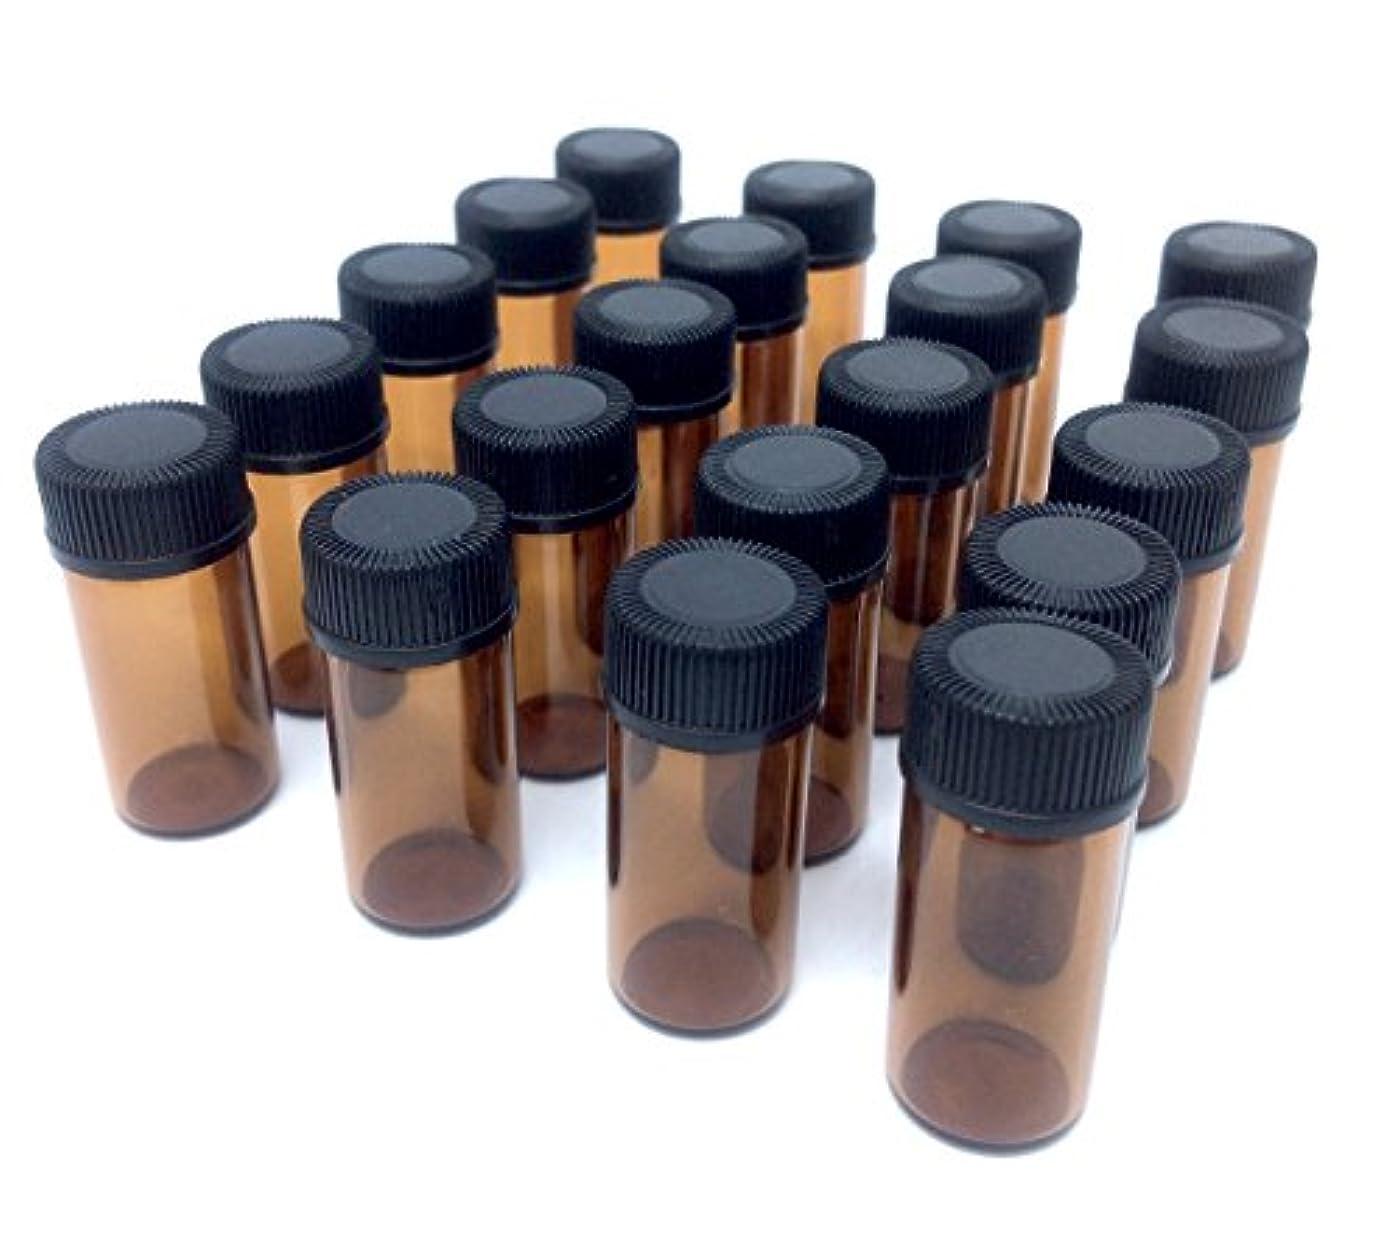 民族主義ショット砲撃アロマオイル 遮光瓶 精油 小分け用 ガラス製 保存容器 20本 セット (3ml)